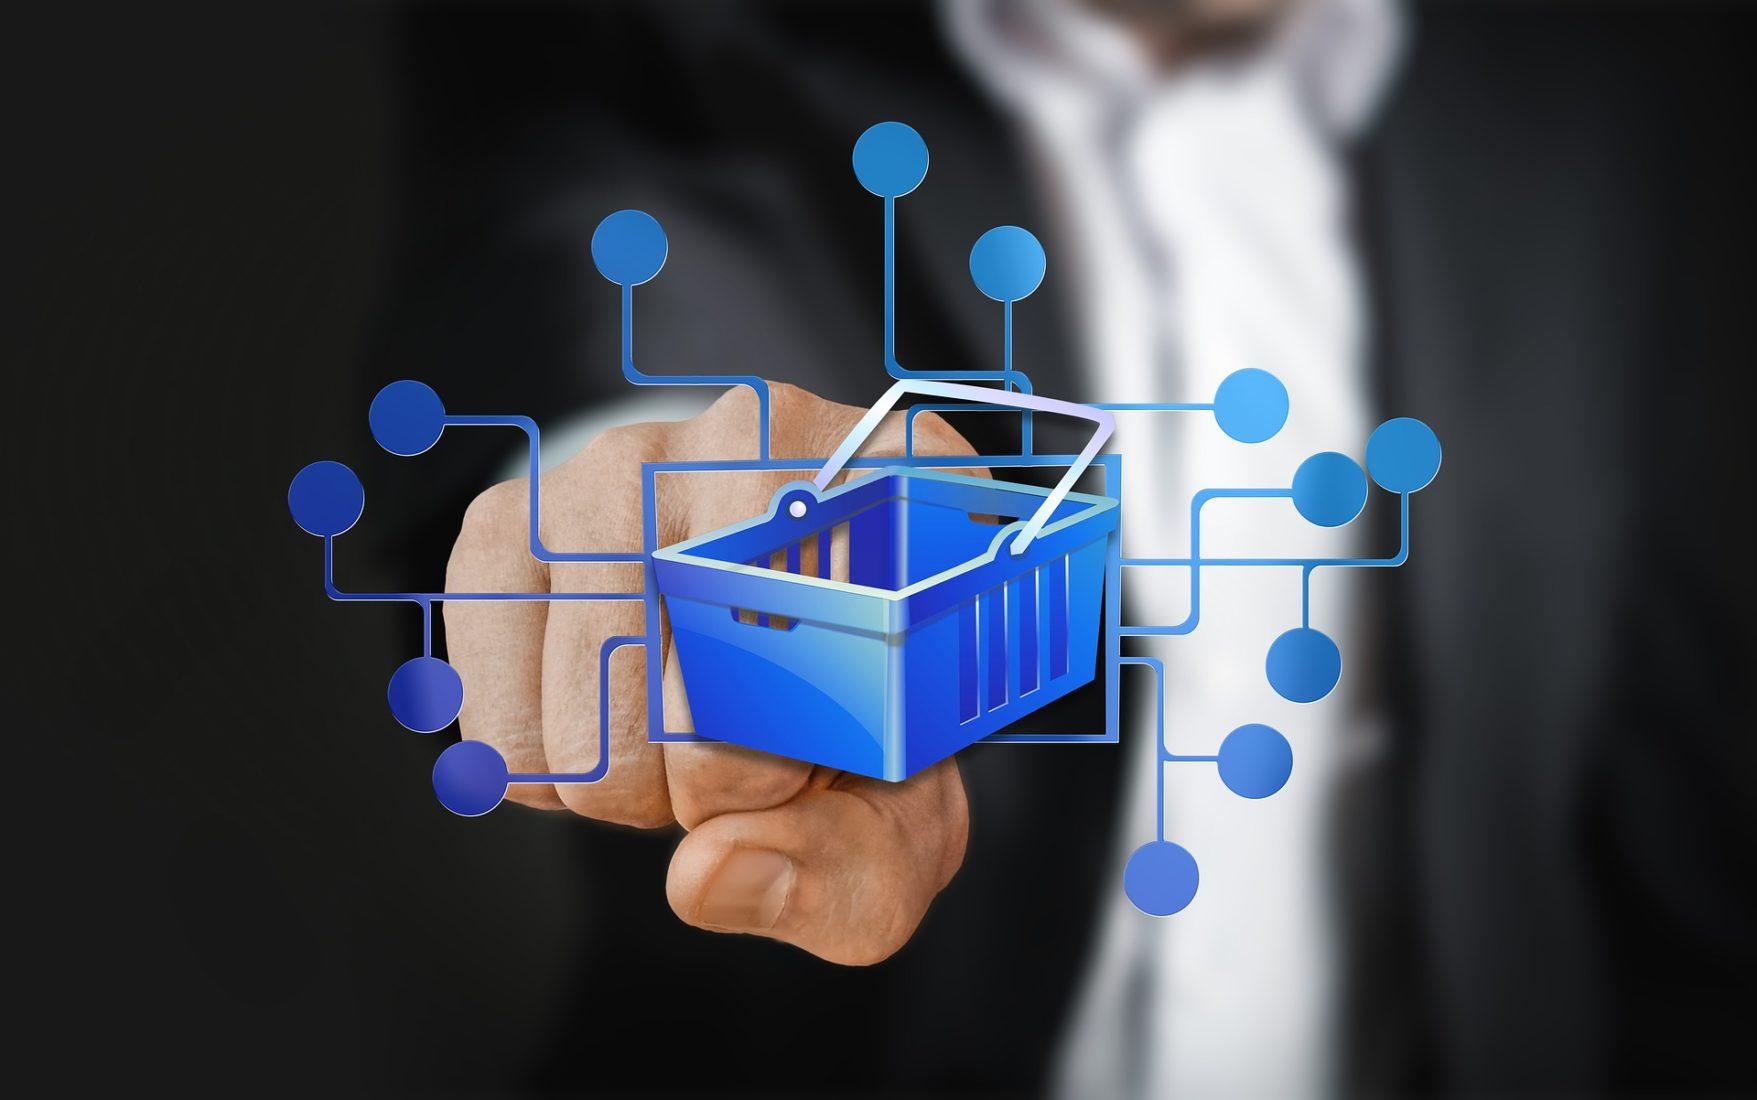 Experten für Onlinehandel werden auch im Baustoffhandel dringend benötigt. Foto: Pixabay